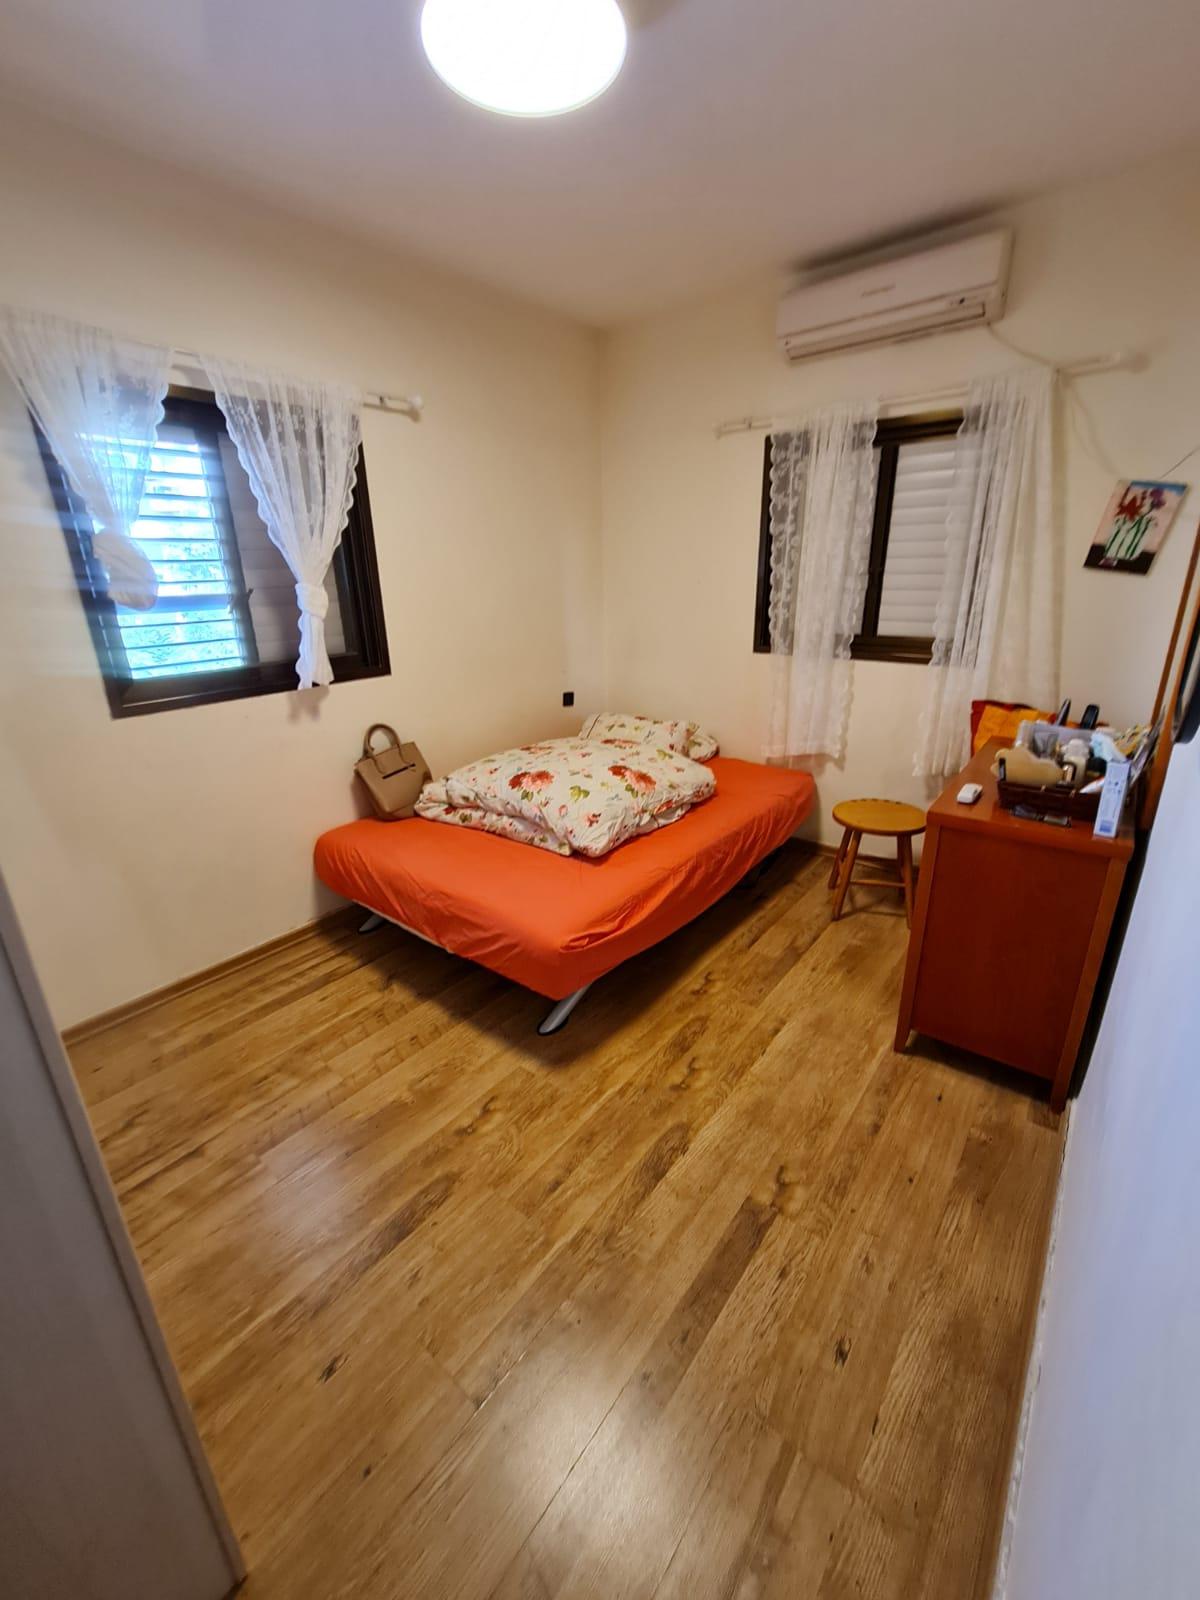 דירת 4 חדרים למכירה ברחוב מרדכי מקלף 11 חולון שכונת קרית בן גוריון